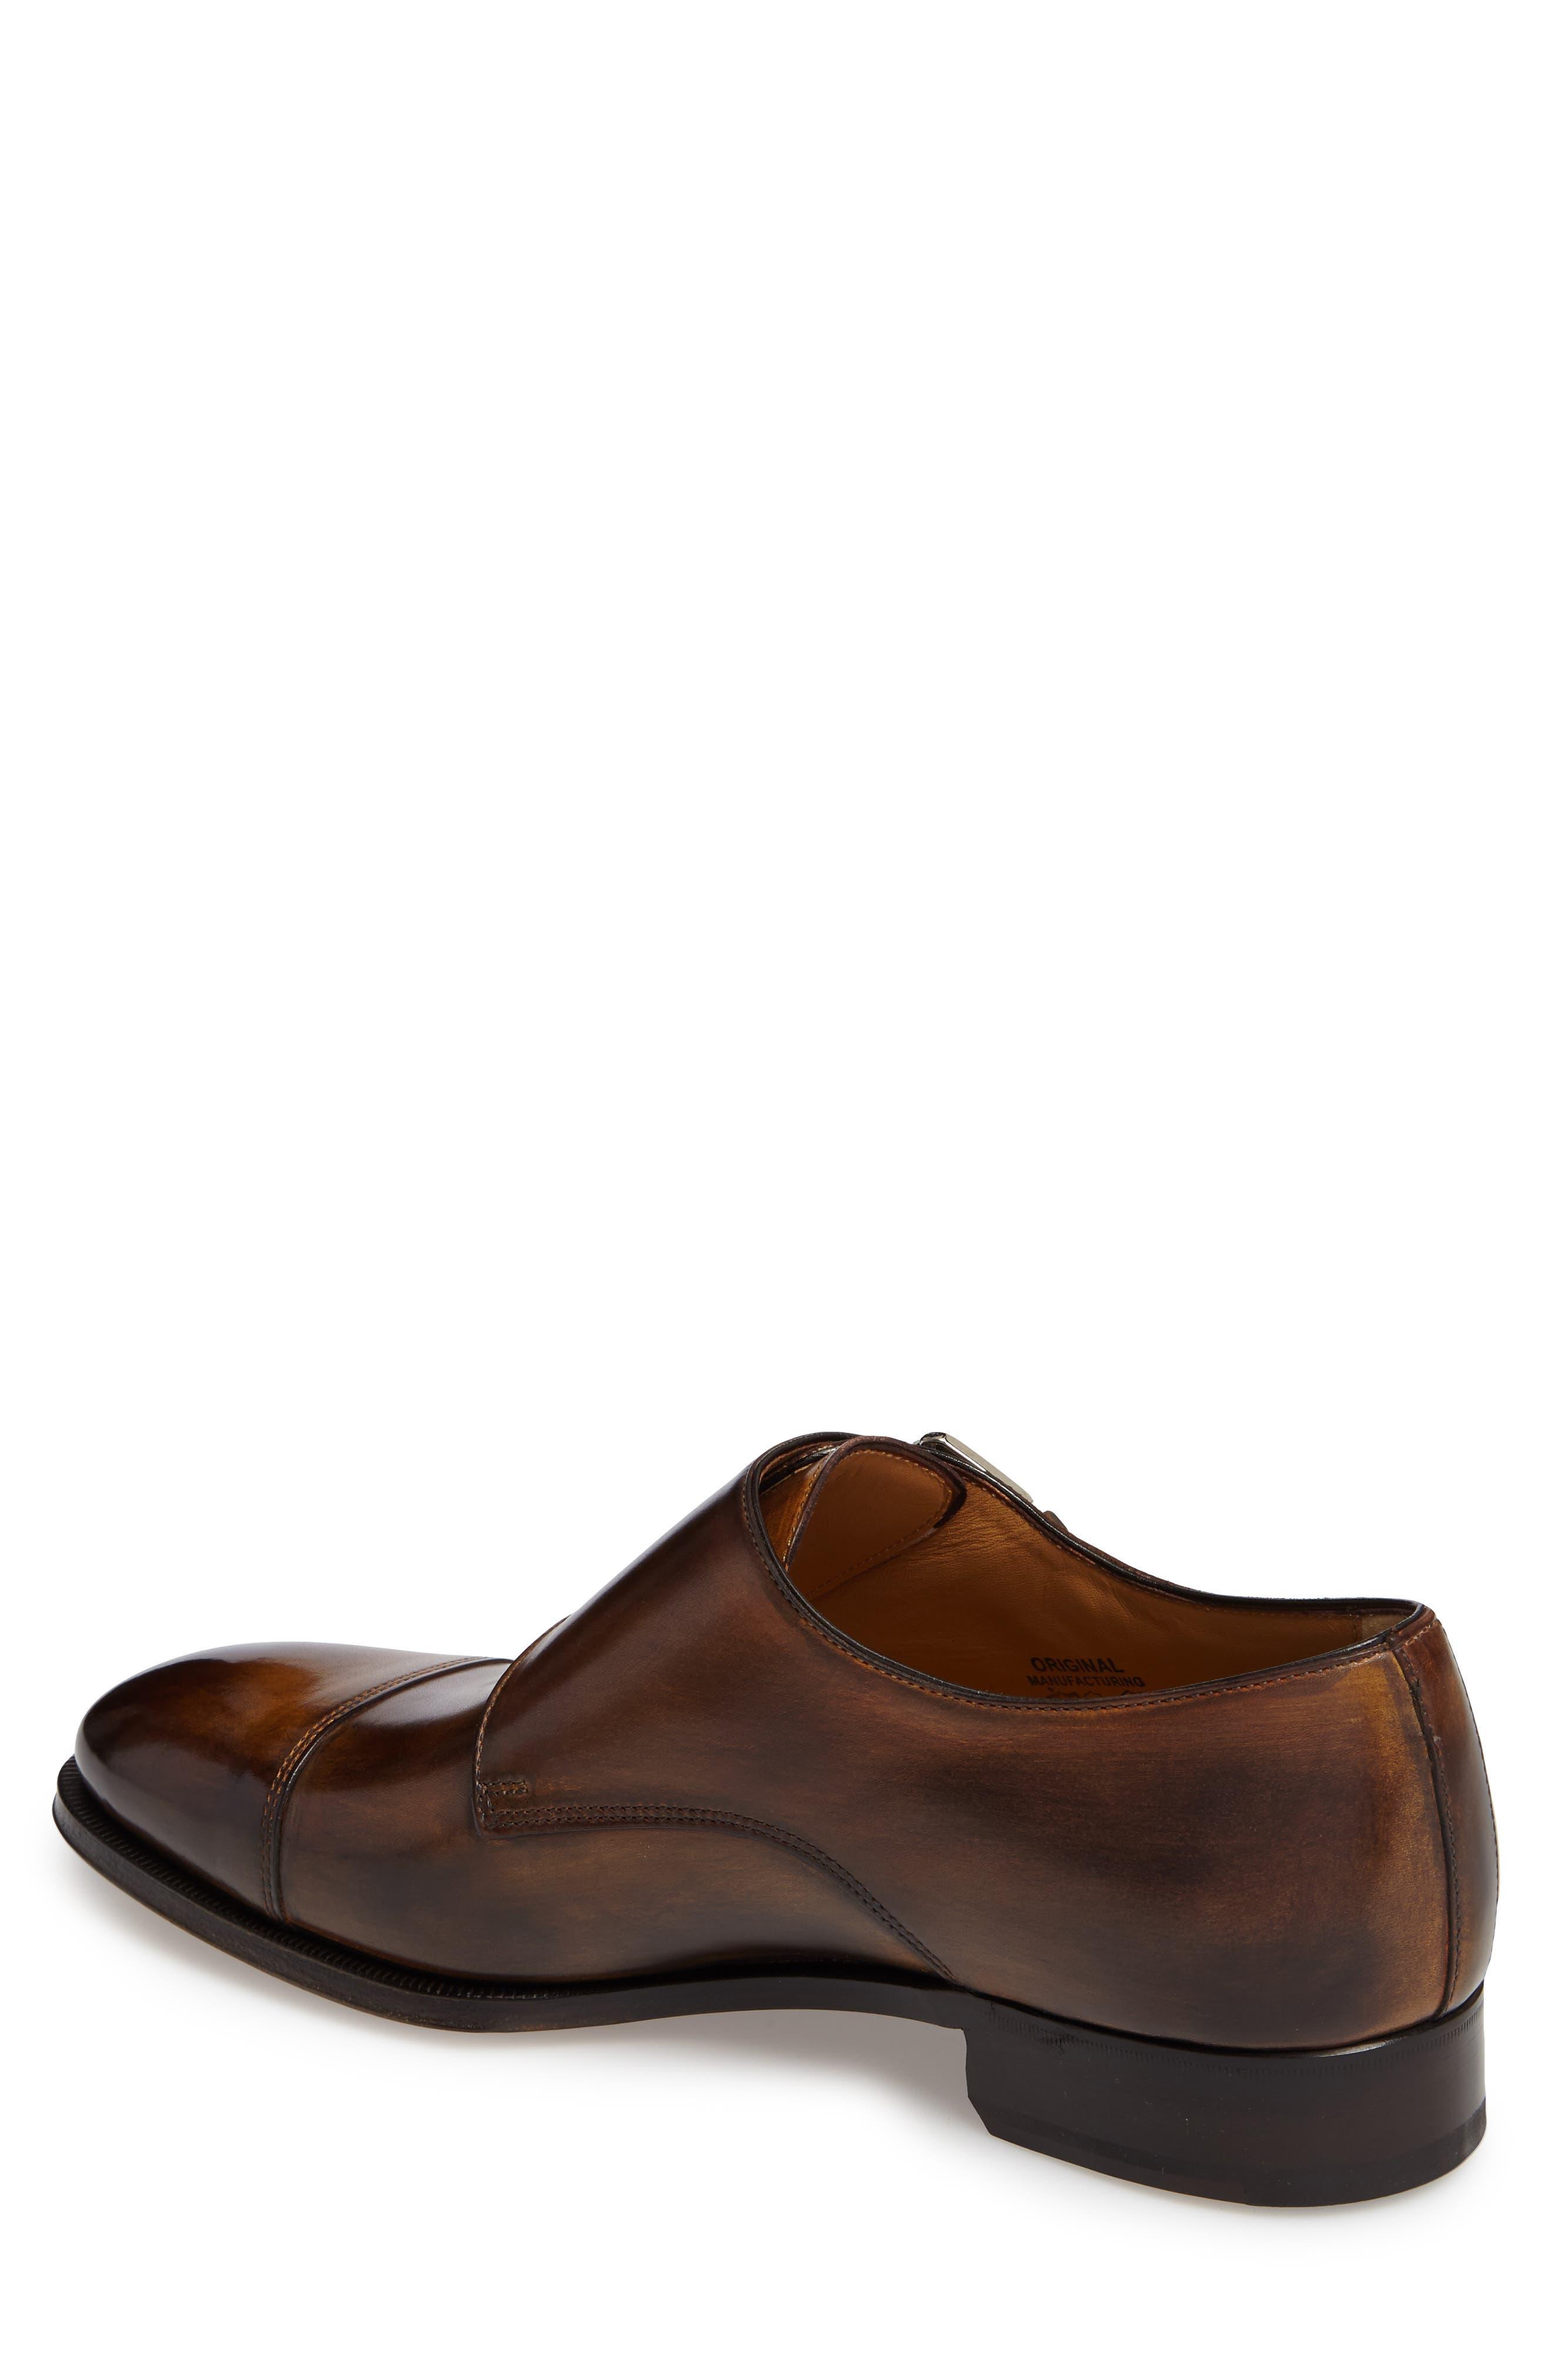 Di Gallo Bianco Blake Double Monk Strap Shoe,                             Alternate thumbnail 2, color,                             210